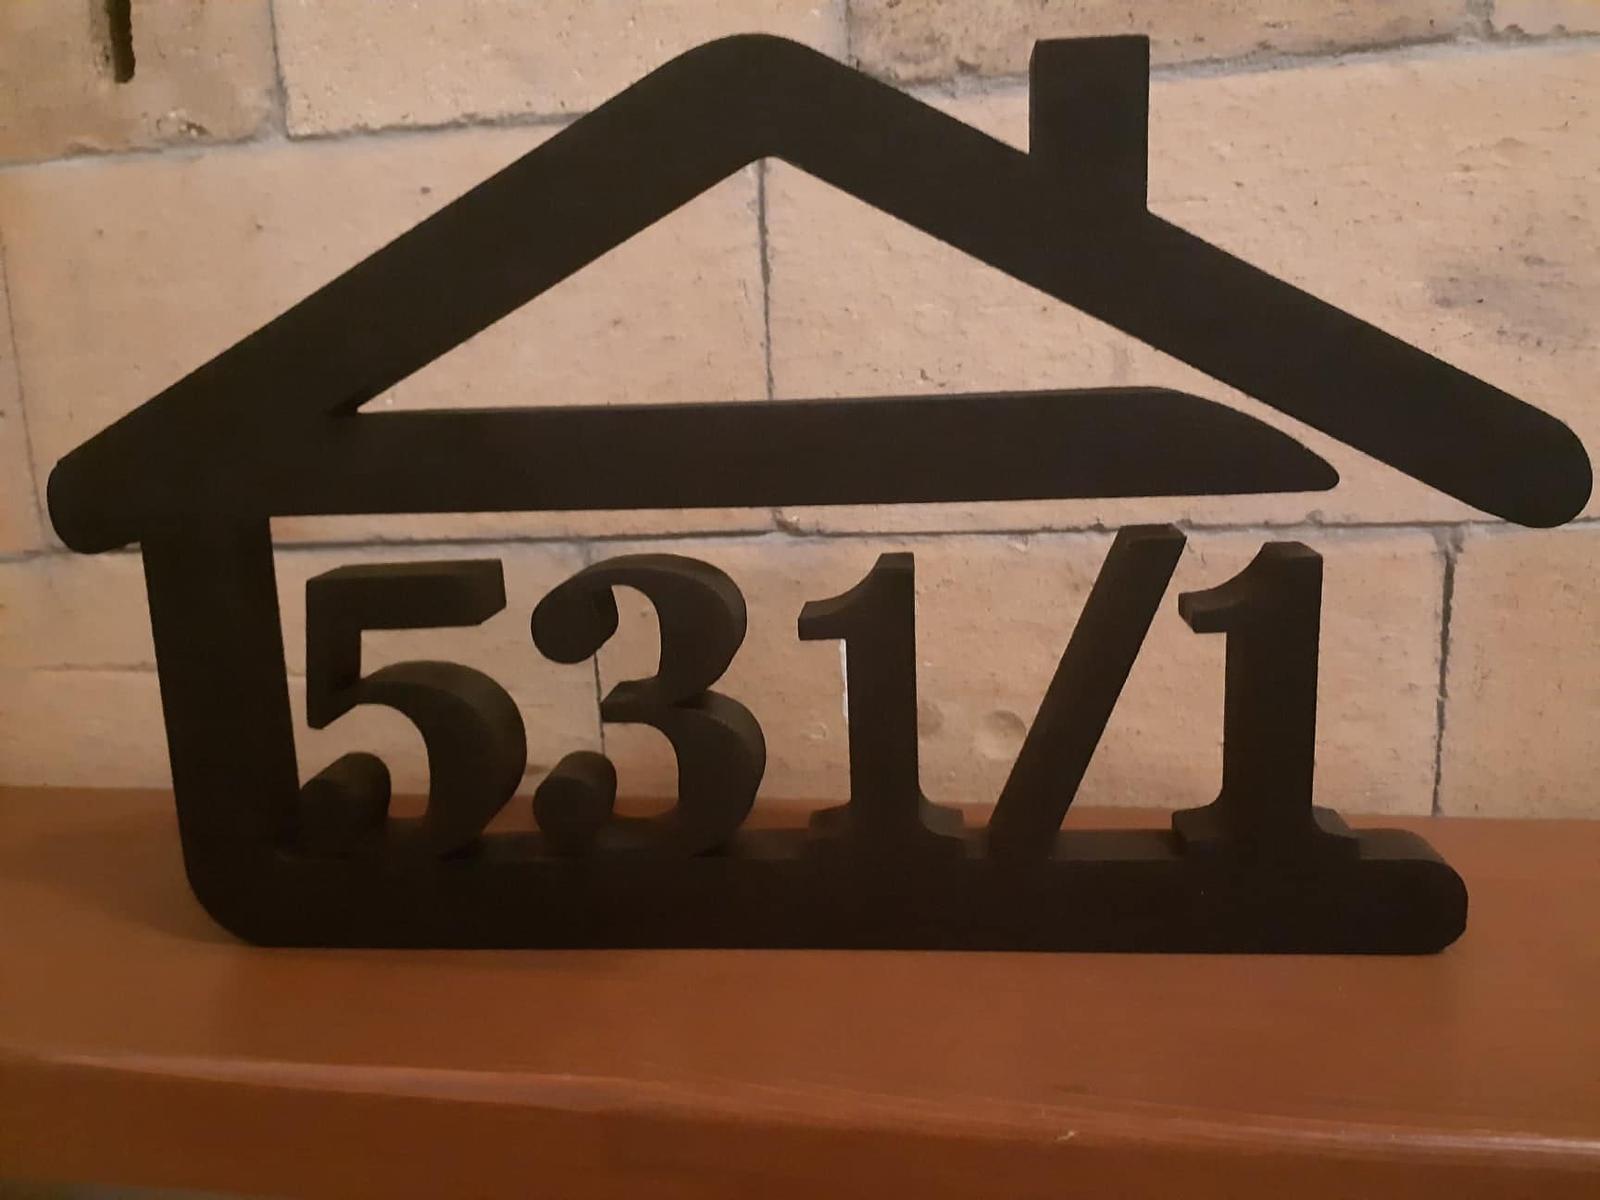 Originálne čísla na dom v domčeku - Obrázok č. 98